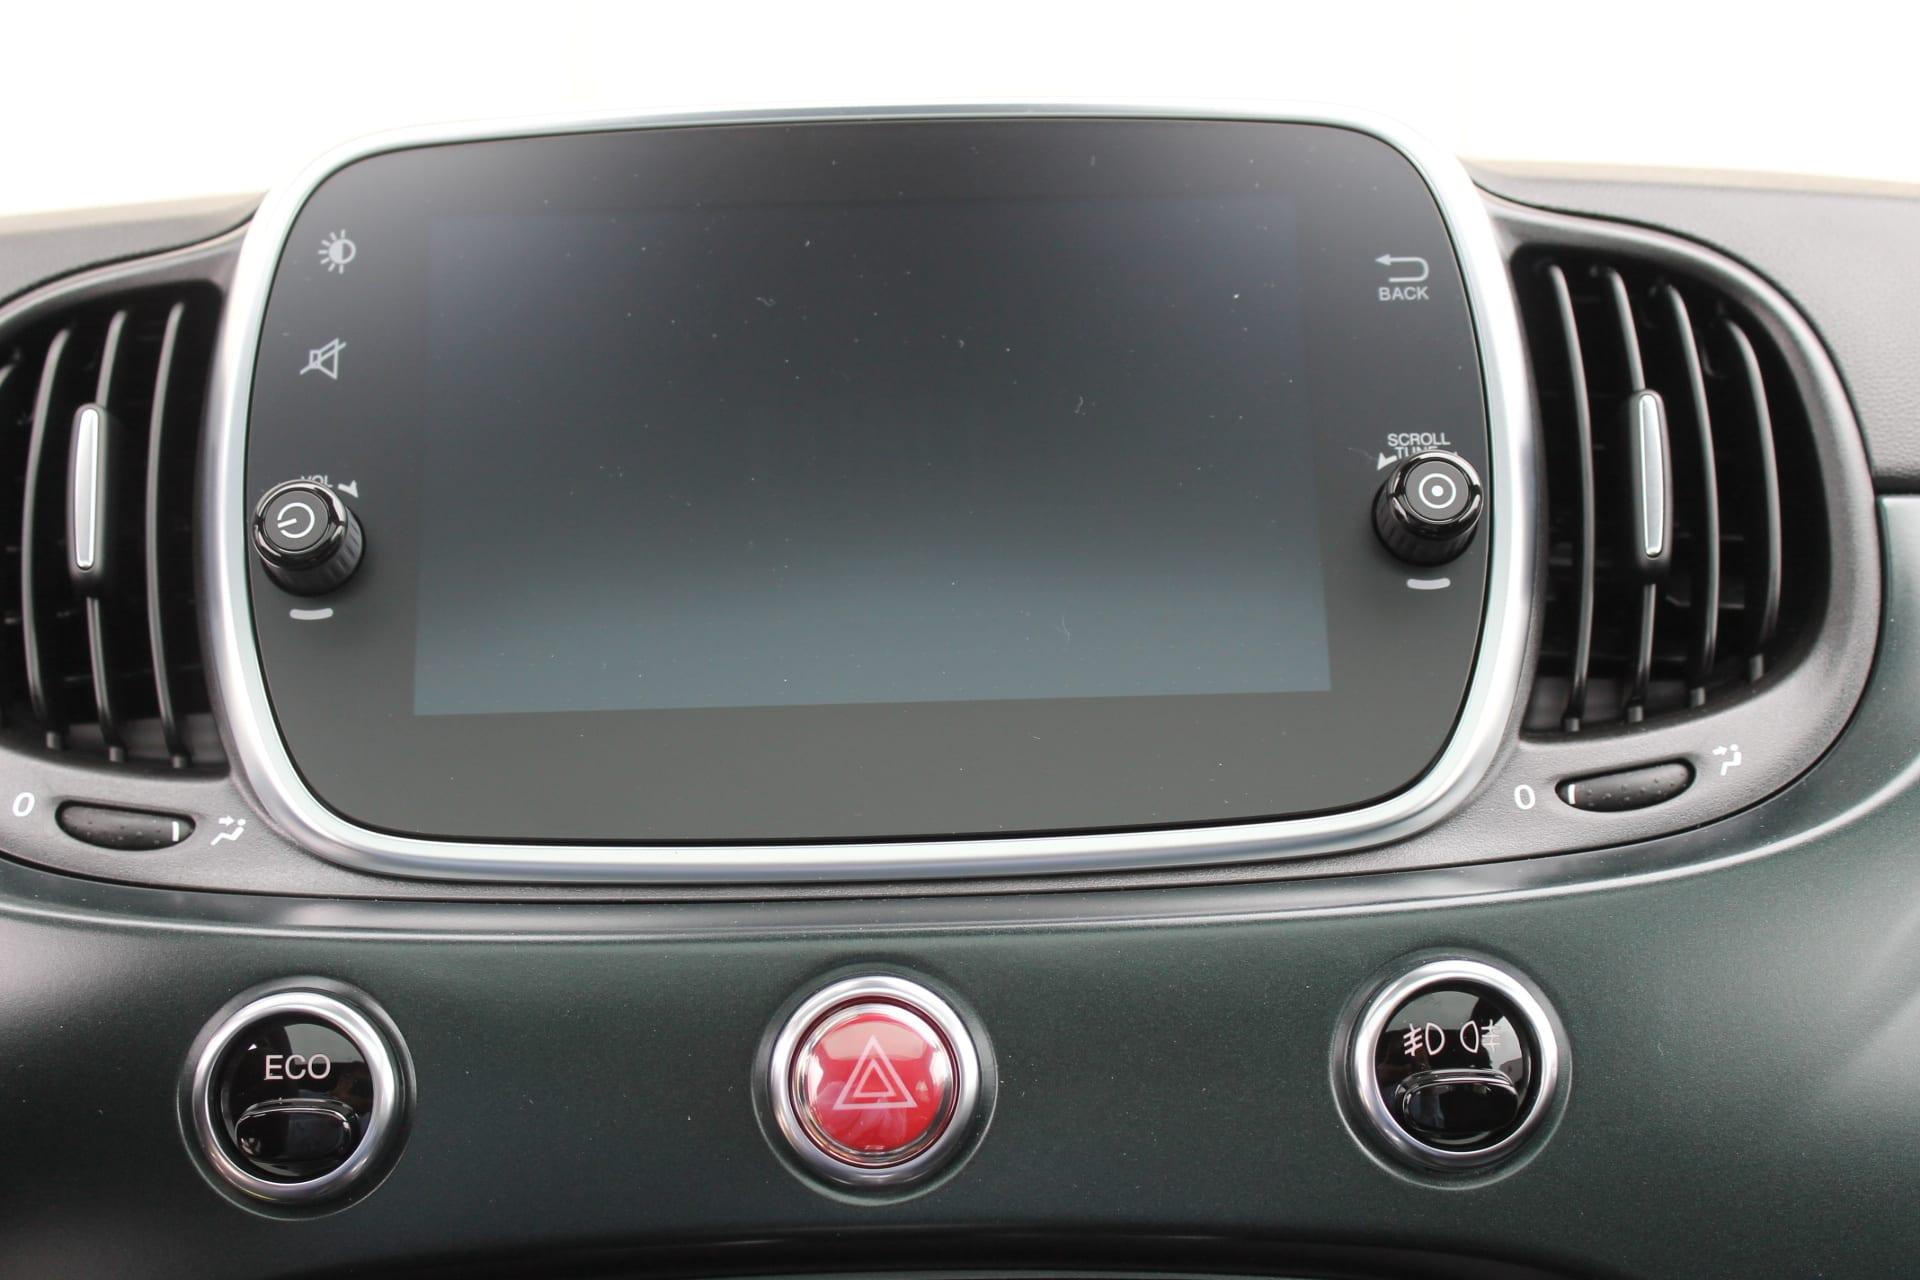 Fiat 500 Rockstar matgroen - infotainmentsysteem